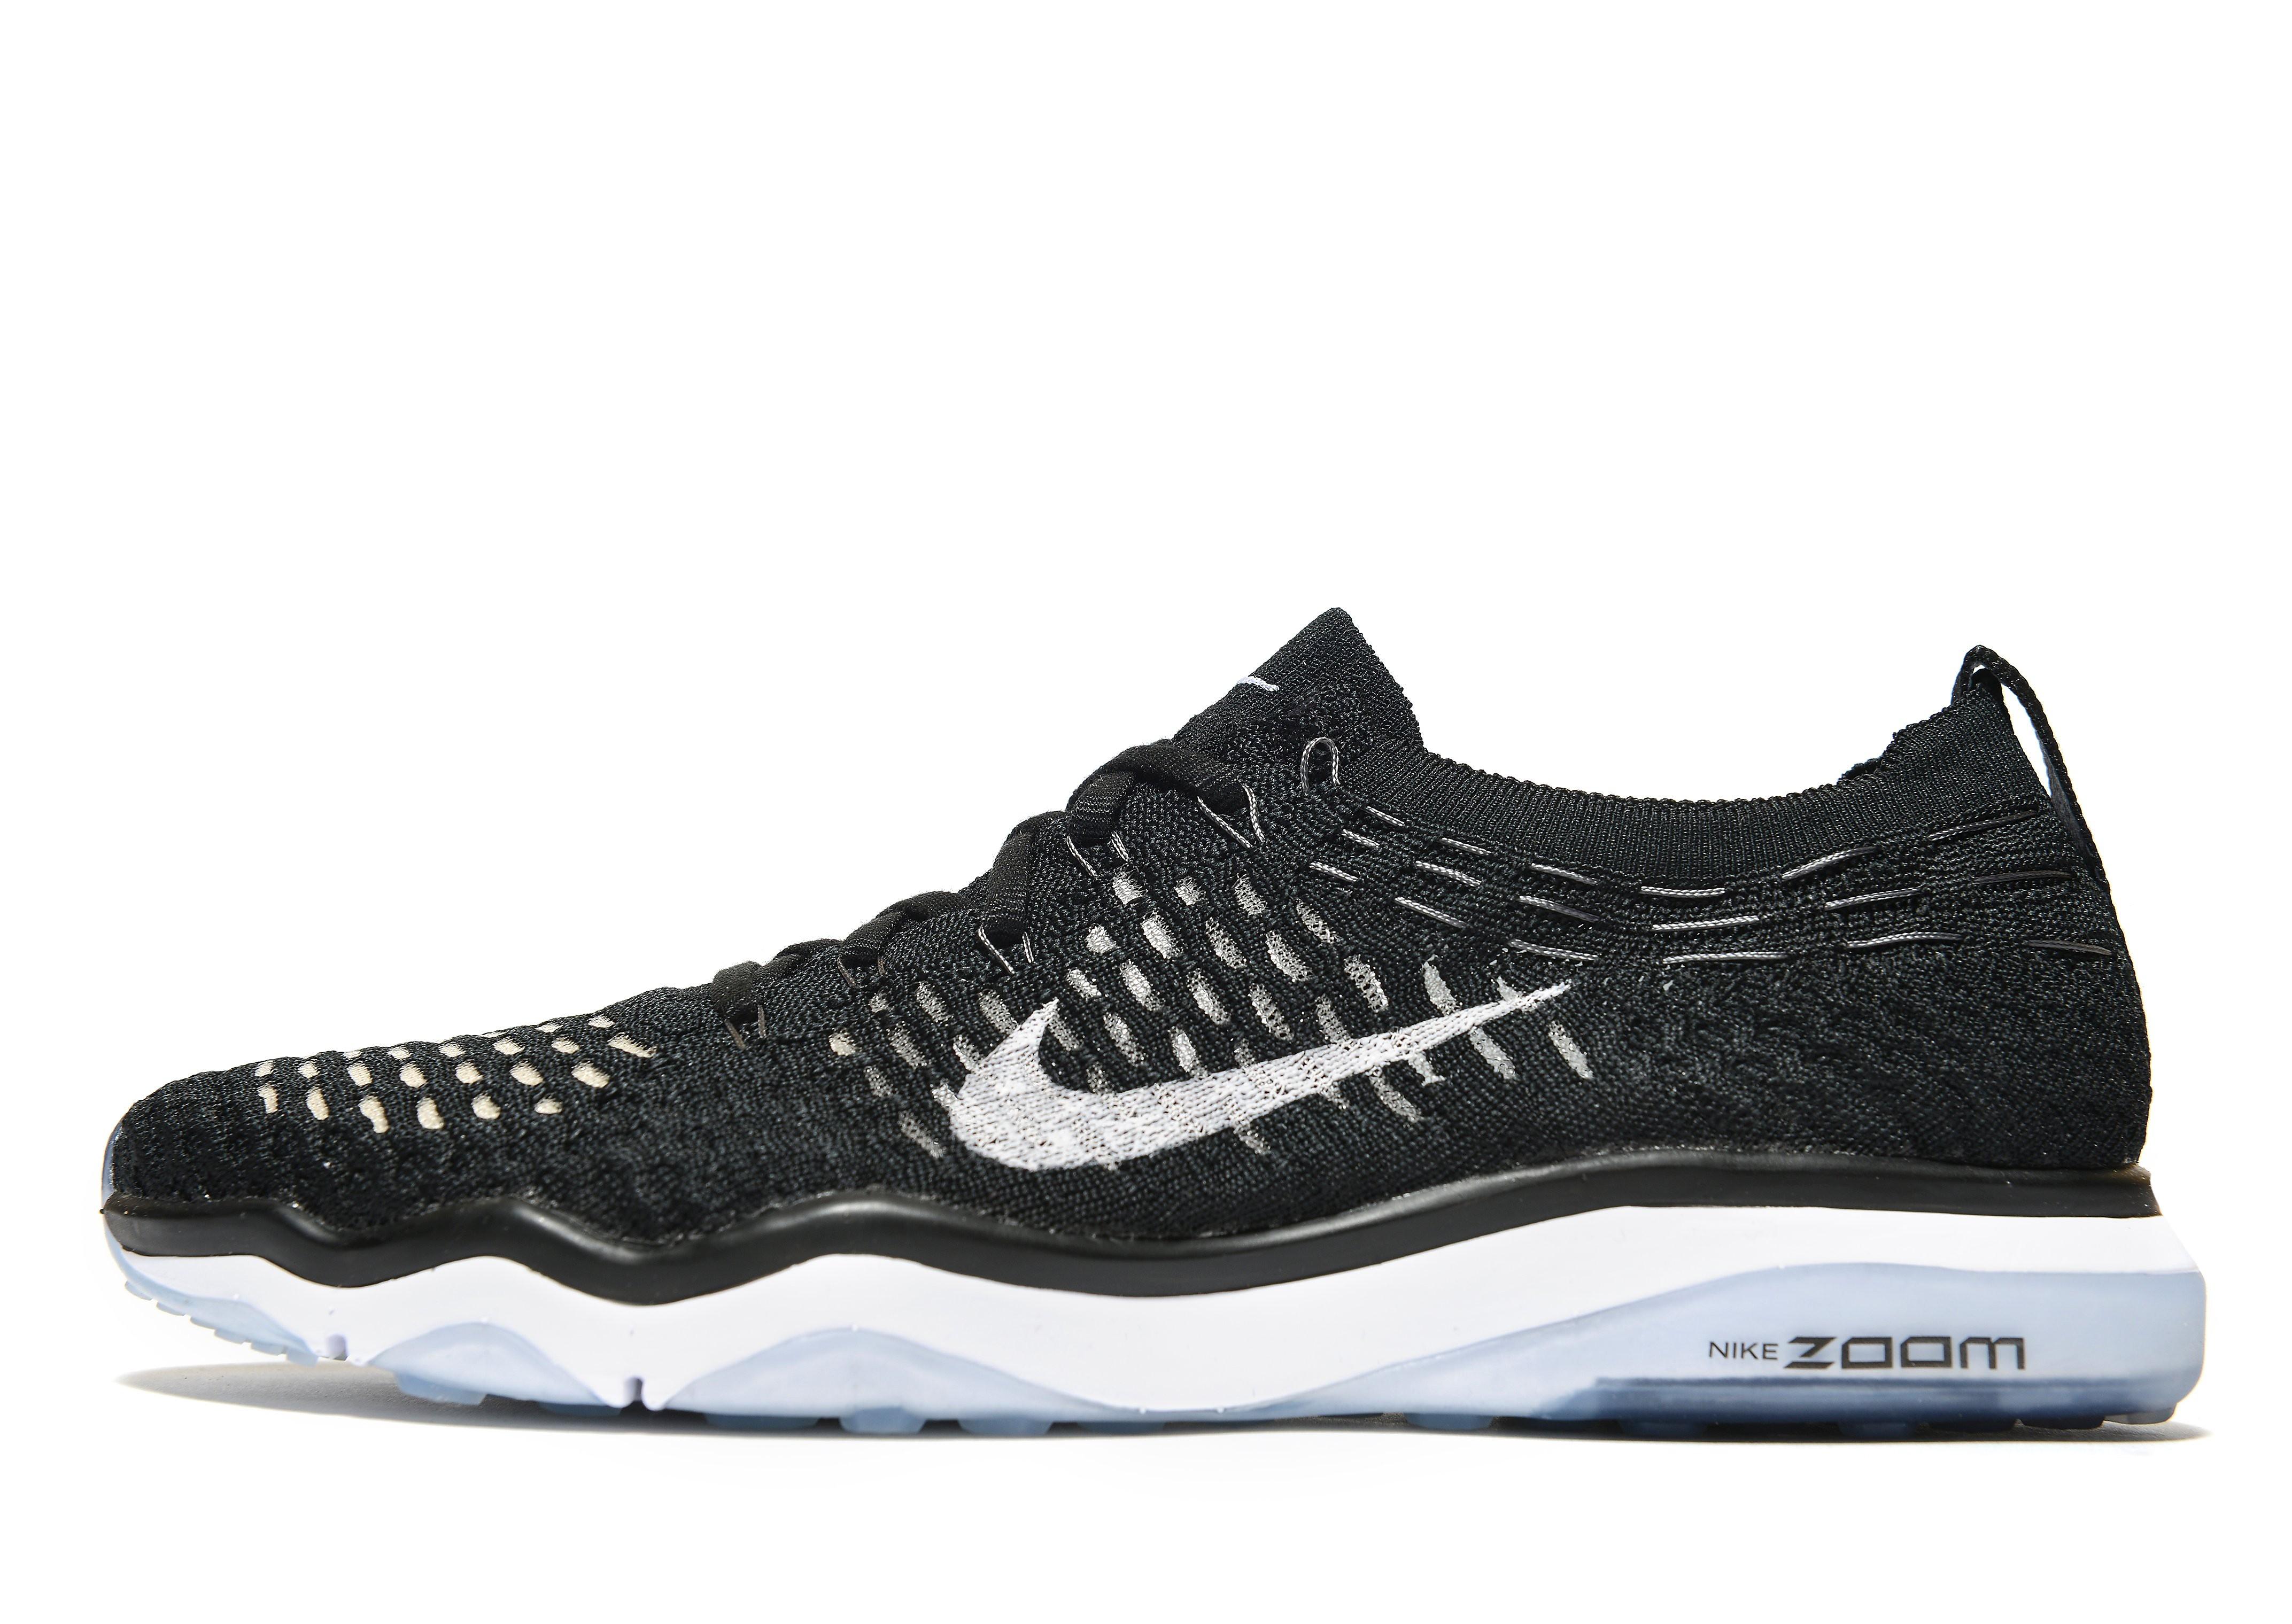 Nike Zoom Fearless Flyknit Femme